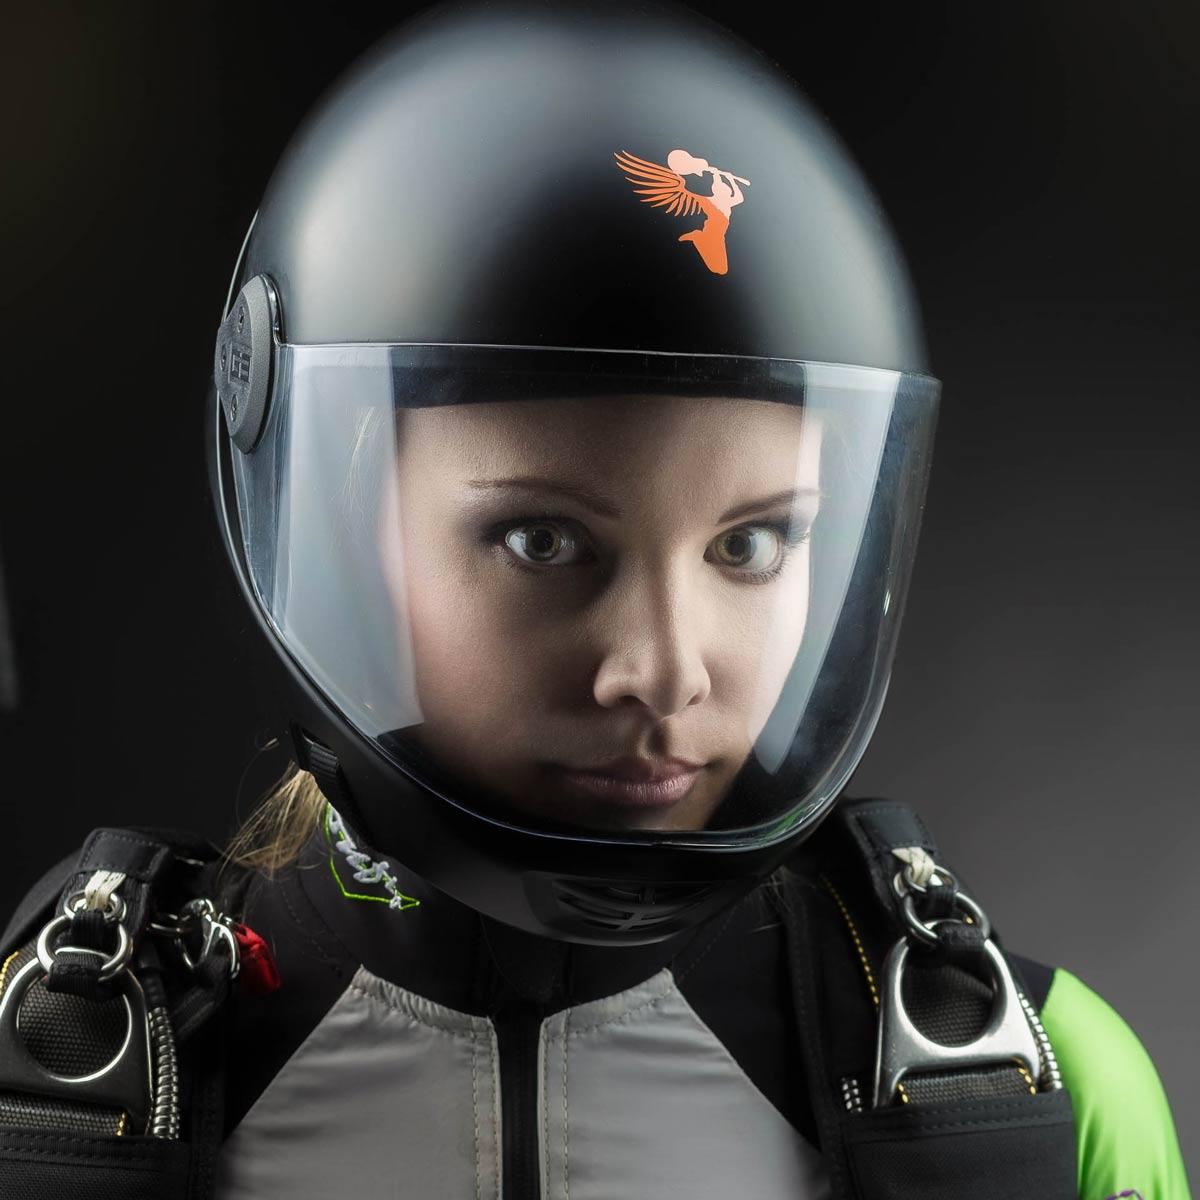 Portraitfoto einer jungen Frau mit Helm und Fallschirmspringer Outfit